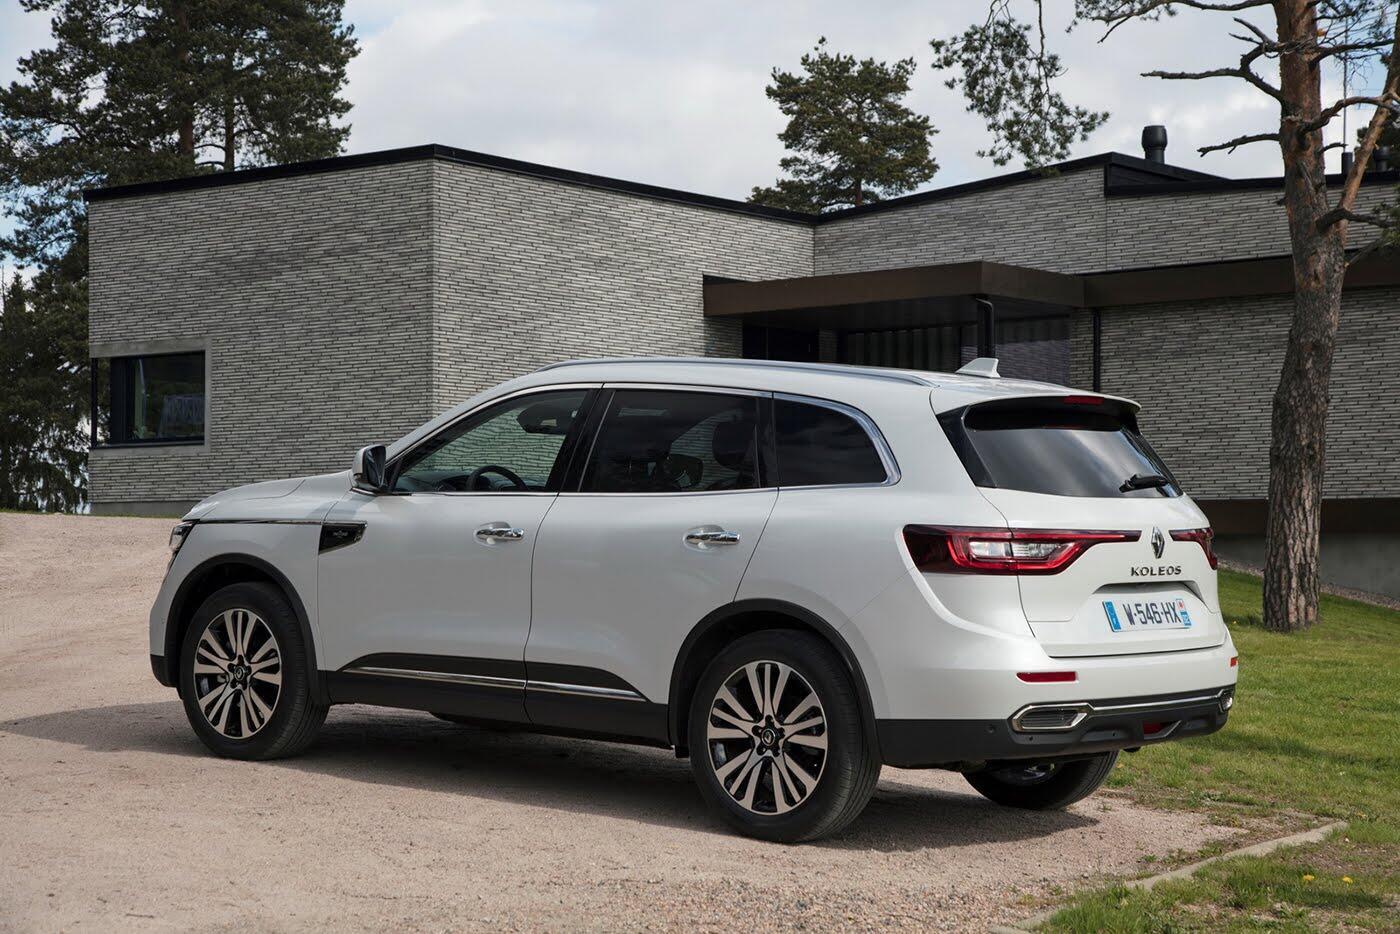 Xem thêm ảnh Renault Koleos 2017 - Hình 3